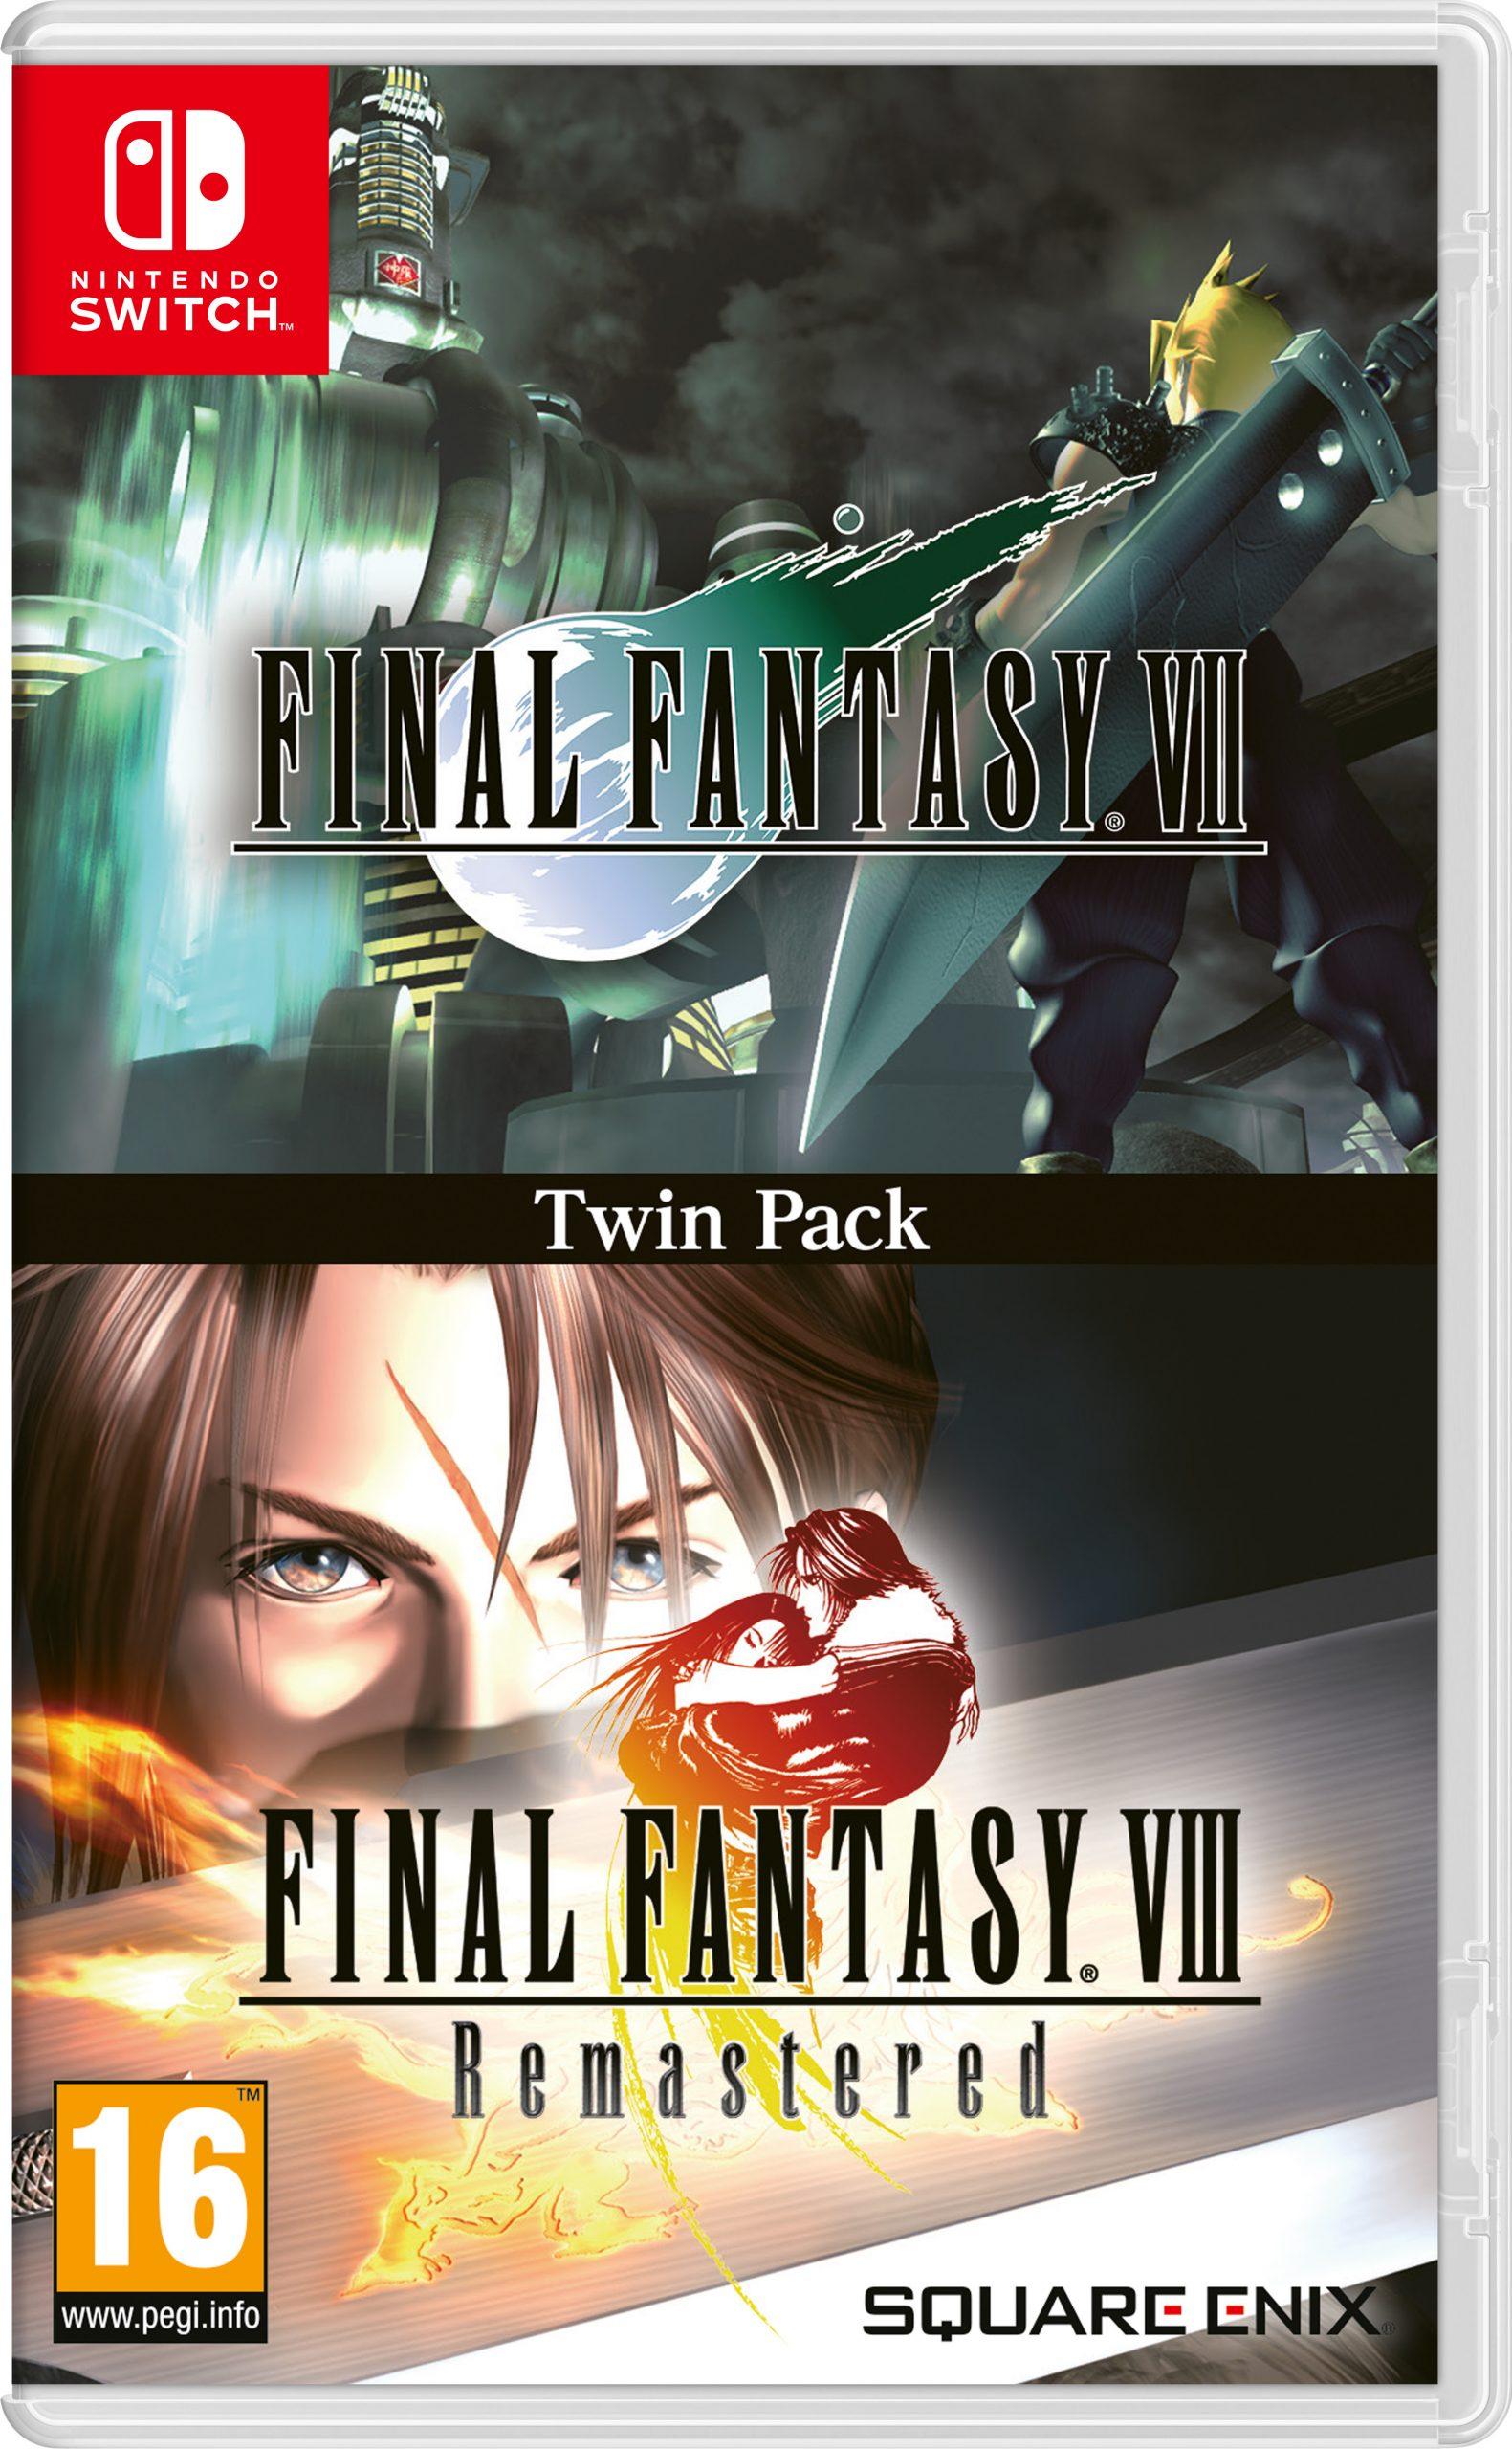 jaquette Twin Pack FINAL FANTASY VII et FINAL FANTASY VIII Remastered